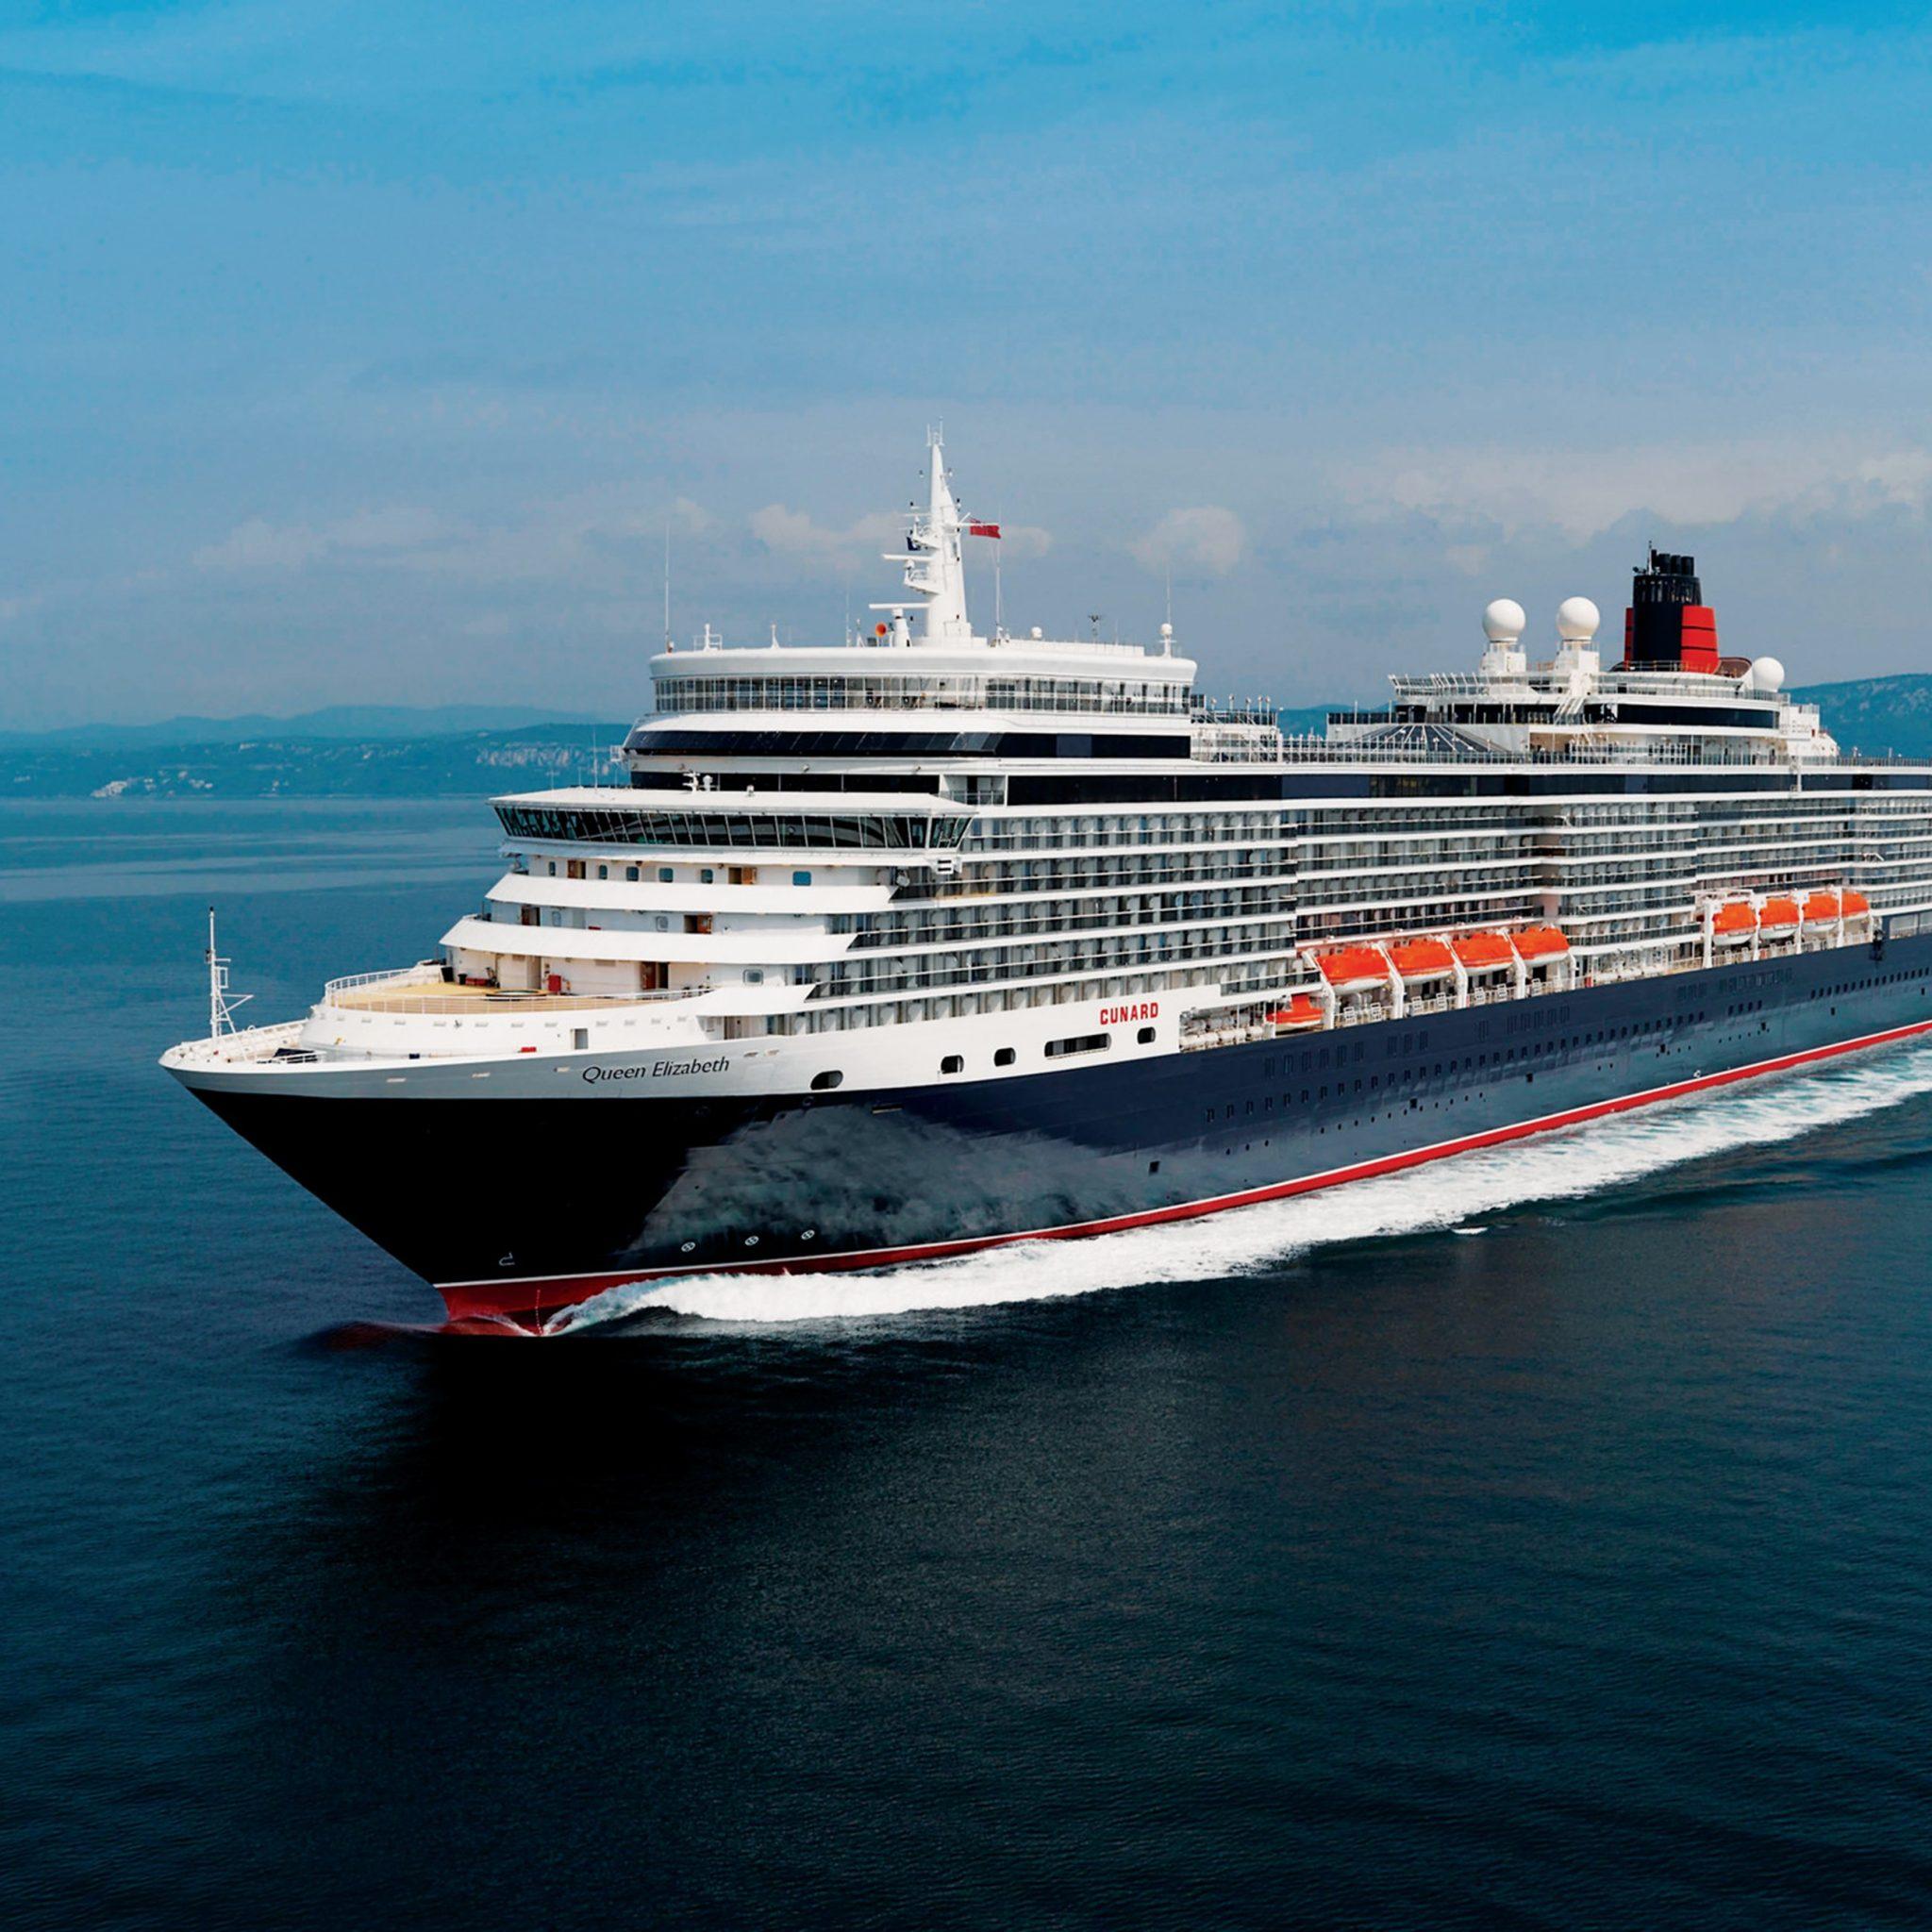 Vijf cruises met de Queen Elizabeth zijn afgezegd. (Foto Thalassa Cruises)